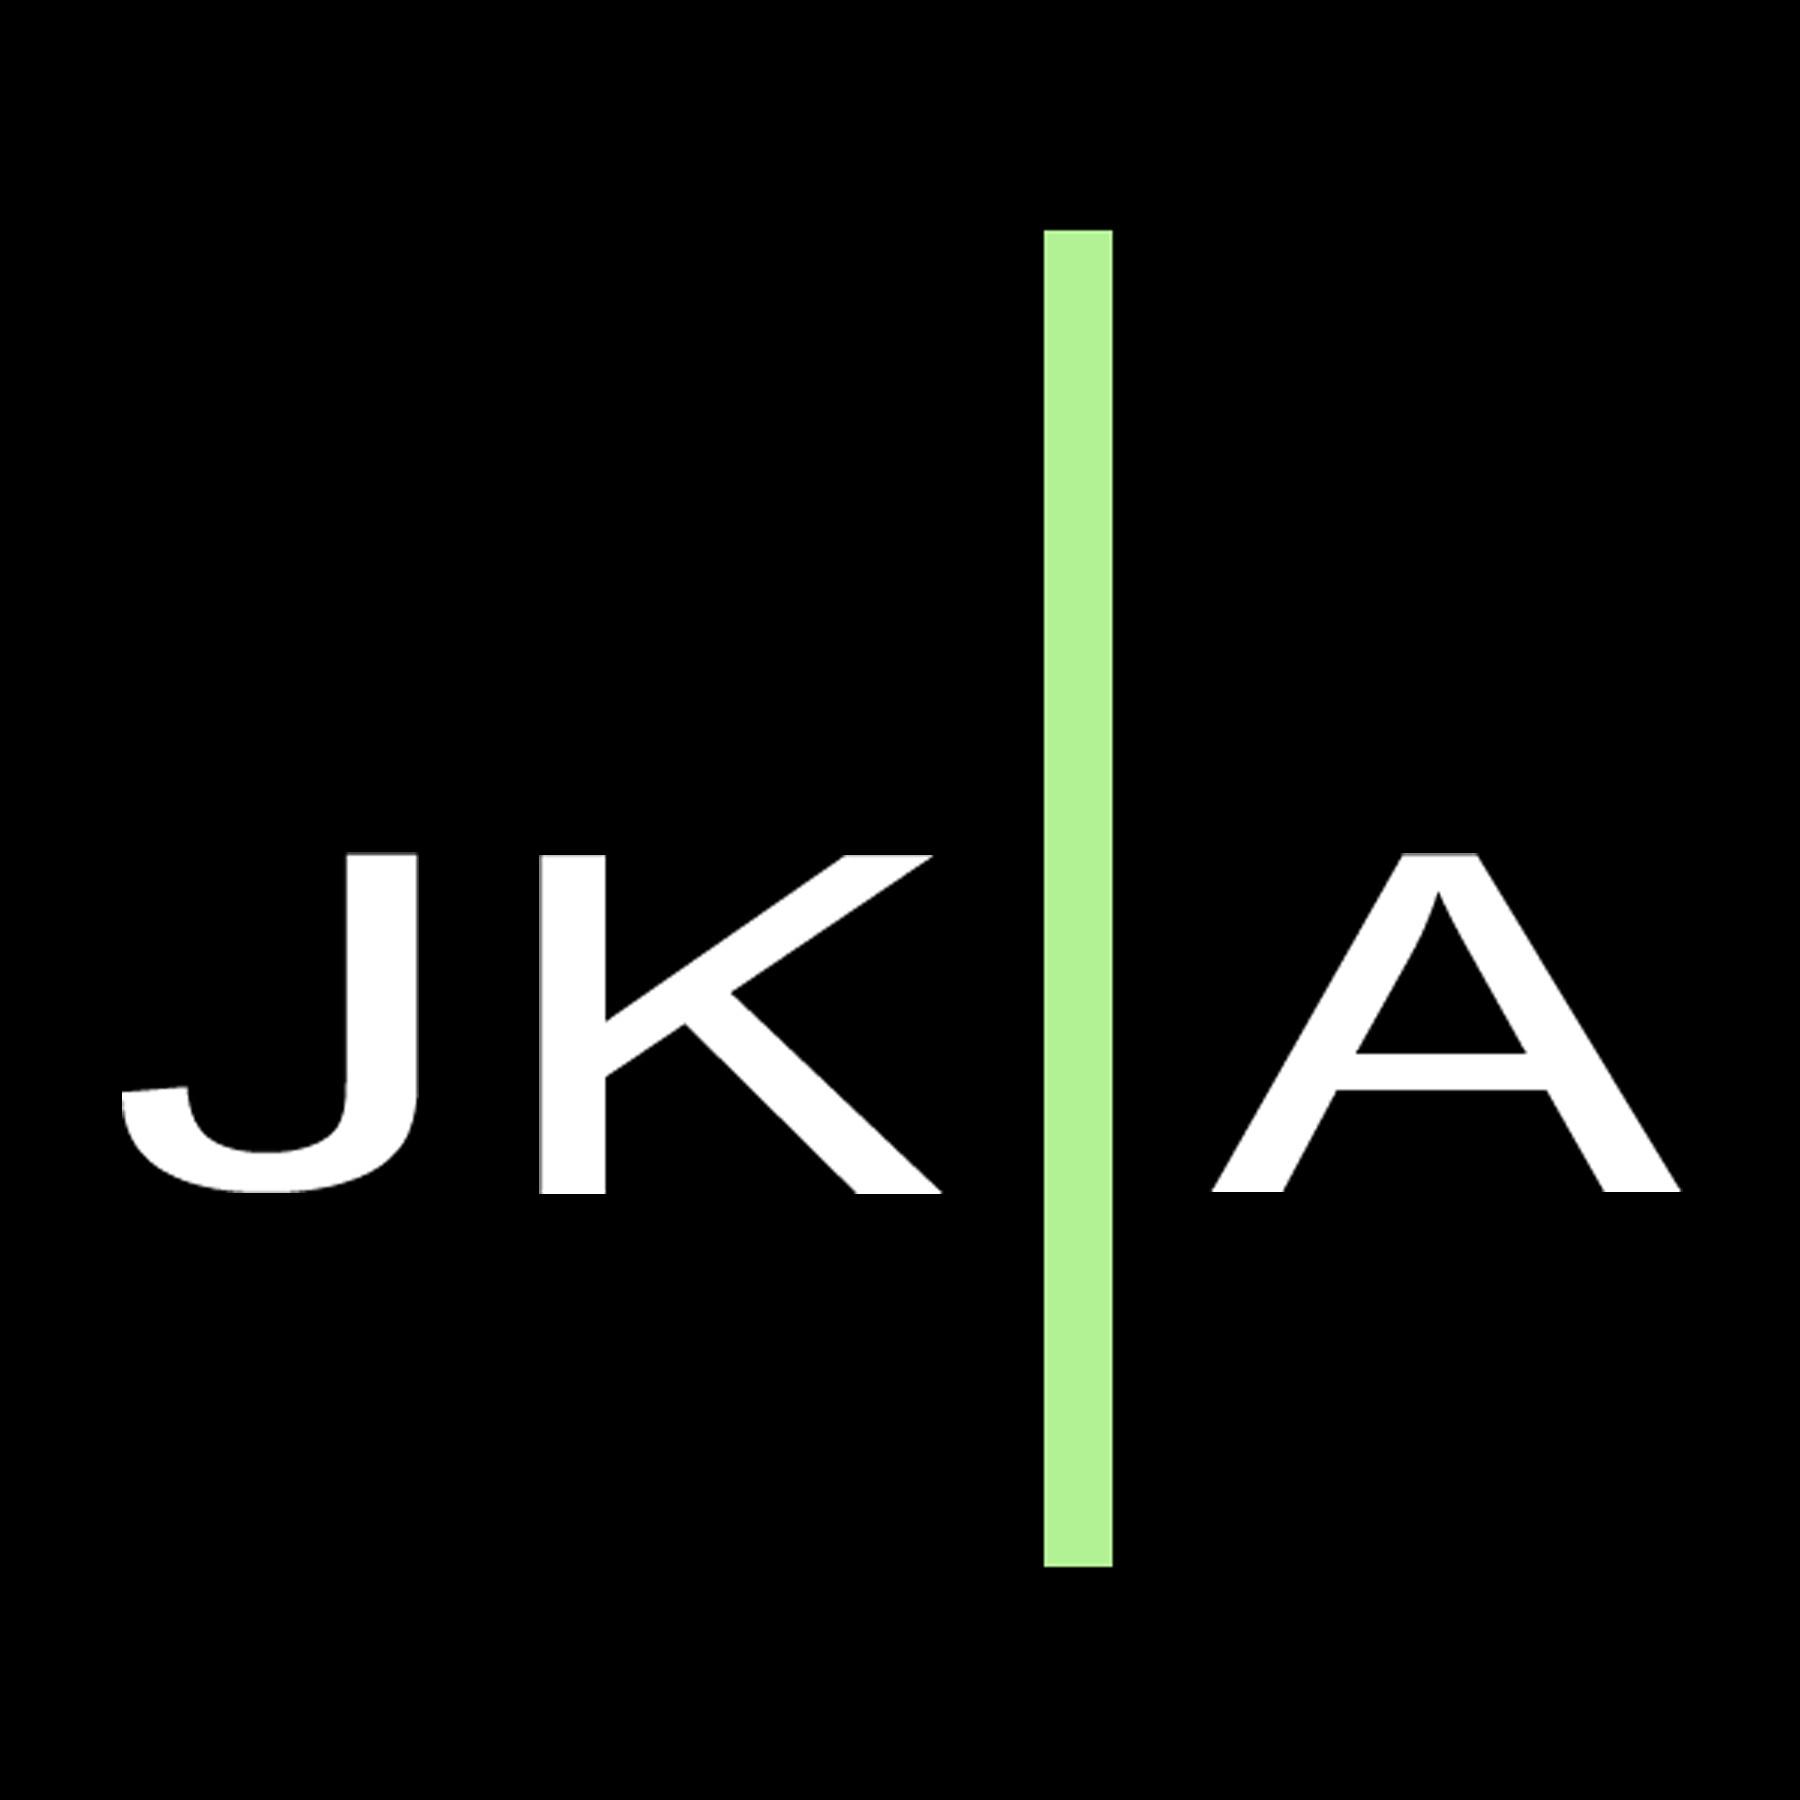 J. Kretschmer Art & Architecture